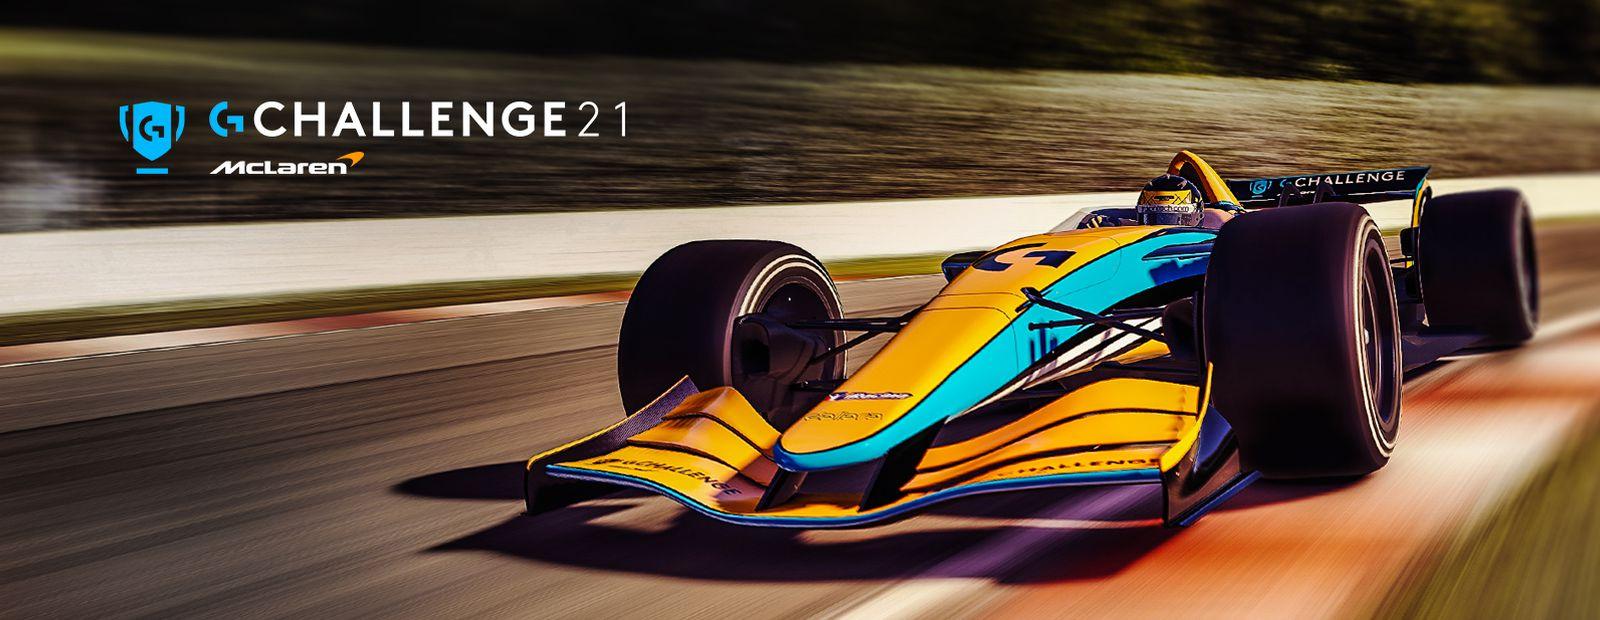 McLaren Racing and Logitech G announce return of Logitech McLaren G Challenge for 2021